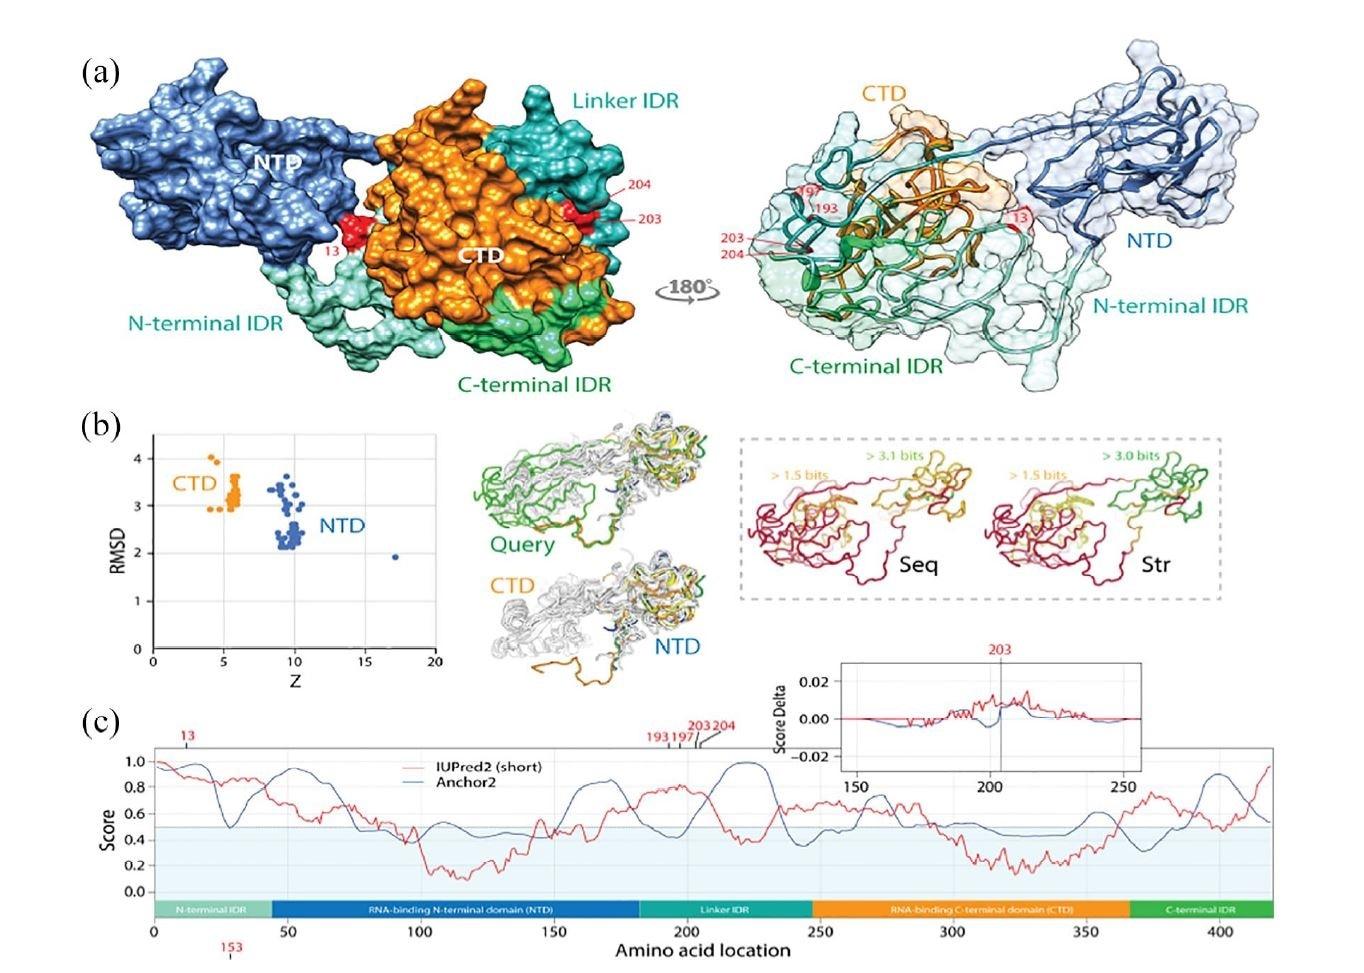 Las vías de diversificación mutacional del SARS-CoV-2 involucran regiones intrínsecas desordenadas de la proteína nucleocápside (N).  (a) La proteína N tiene 2 dominios principales de unión al ARN, un dominio N-terminal (NTD) y un dominio C-terminal (CTD), ambos conectados a un enlazador central y flanqueados por secuencias terminales, todas las cuales han sido informó que son regiones intrínsecamente desordenadas (IDR).  Las mutaciones se rastrearon en una estructura de proteína N de SARS-CoV-2 modelada con I-Tasser.  Ocurrieron en la posición 13 del IDR N-terminal y en las posiciones 193, 197, 203 y 204 del IDR del enlazador, todos ellos en regiones de bucle de la molécula.  Las mutaciones 203 y 204 fueron los únicos sitios que quedaron enterrados en la molécula.  (b) Un análisis de vecindad estructural DALI contra la estructura modelada (88 vecinos estructurales, incluidos muchos de SARS-CoV-2) mostró 2 conglomerados en la gráfica RMSD versus puntuación Z, uno que refleja la coincidencia estructural con el dominio NTD y el otro con el dominio CTD.  Los gráficos de alineación estructural de las 88 estructuras respaldaron la veracidad de los dominios de unión de ARN modelados y revelaron que la NTD está más conservada en los niveles de secuencia (Seq) y estructura (Str).  (c) El mapeo del trastorno intrínseco (UIPred2, línea roja) y la ganancia-pérdida de energía de enlace (Anchor2, línea azul) a lo largo de la secuencia confirmó el trastorno intrínseco significativo y el enlace (puntuaciones? 0,5) de las regiones del conector y del terminal.  Una comparación de la cepa viral de referencia y mutante R203K con una puntuación delta reveló que la mutación aumentaba el trastorno.  Se obtuvo un resultado similar con el mutante G204R.